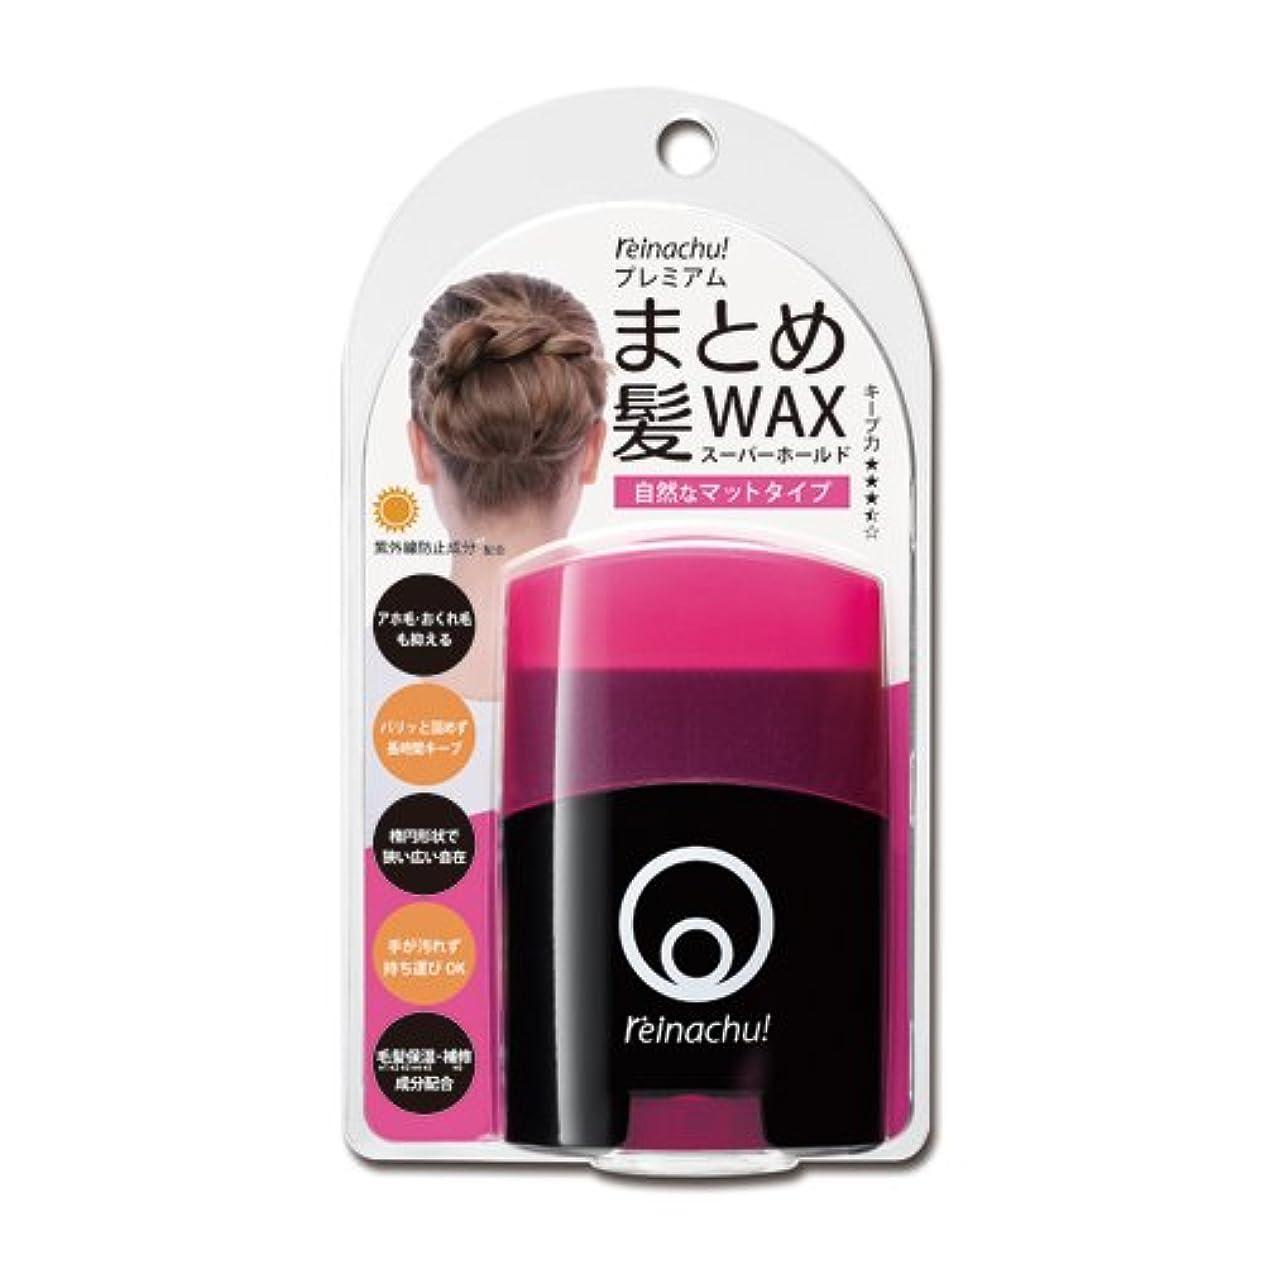 自動道路バーストレイナチュ プレミアムまとめ髪ワックスM 自然なマットタイプ